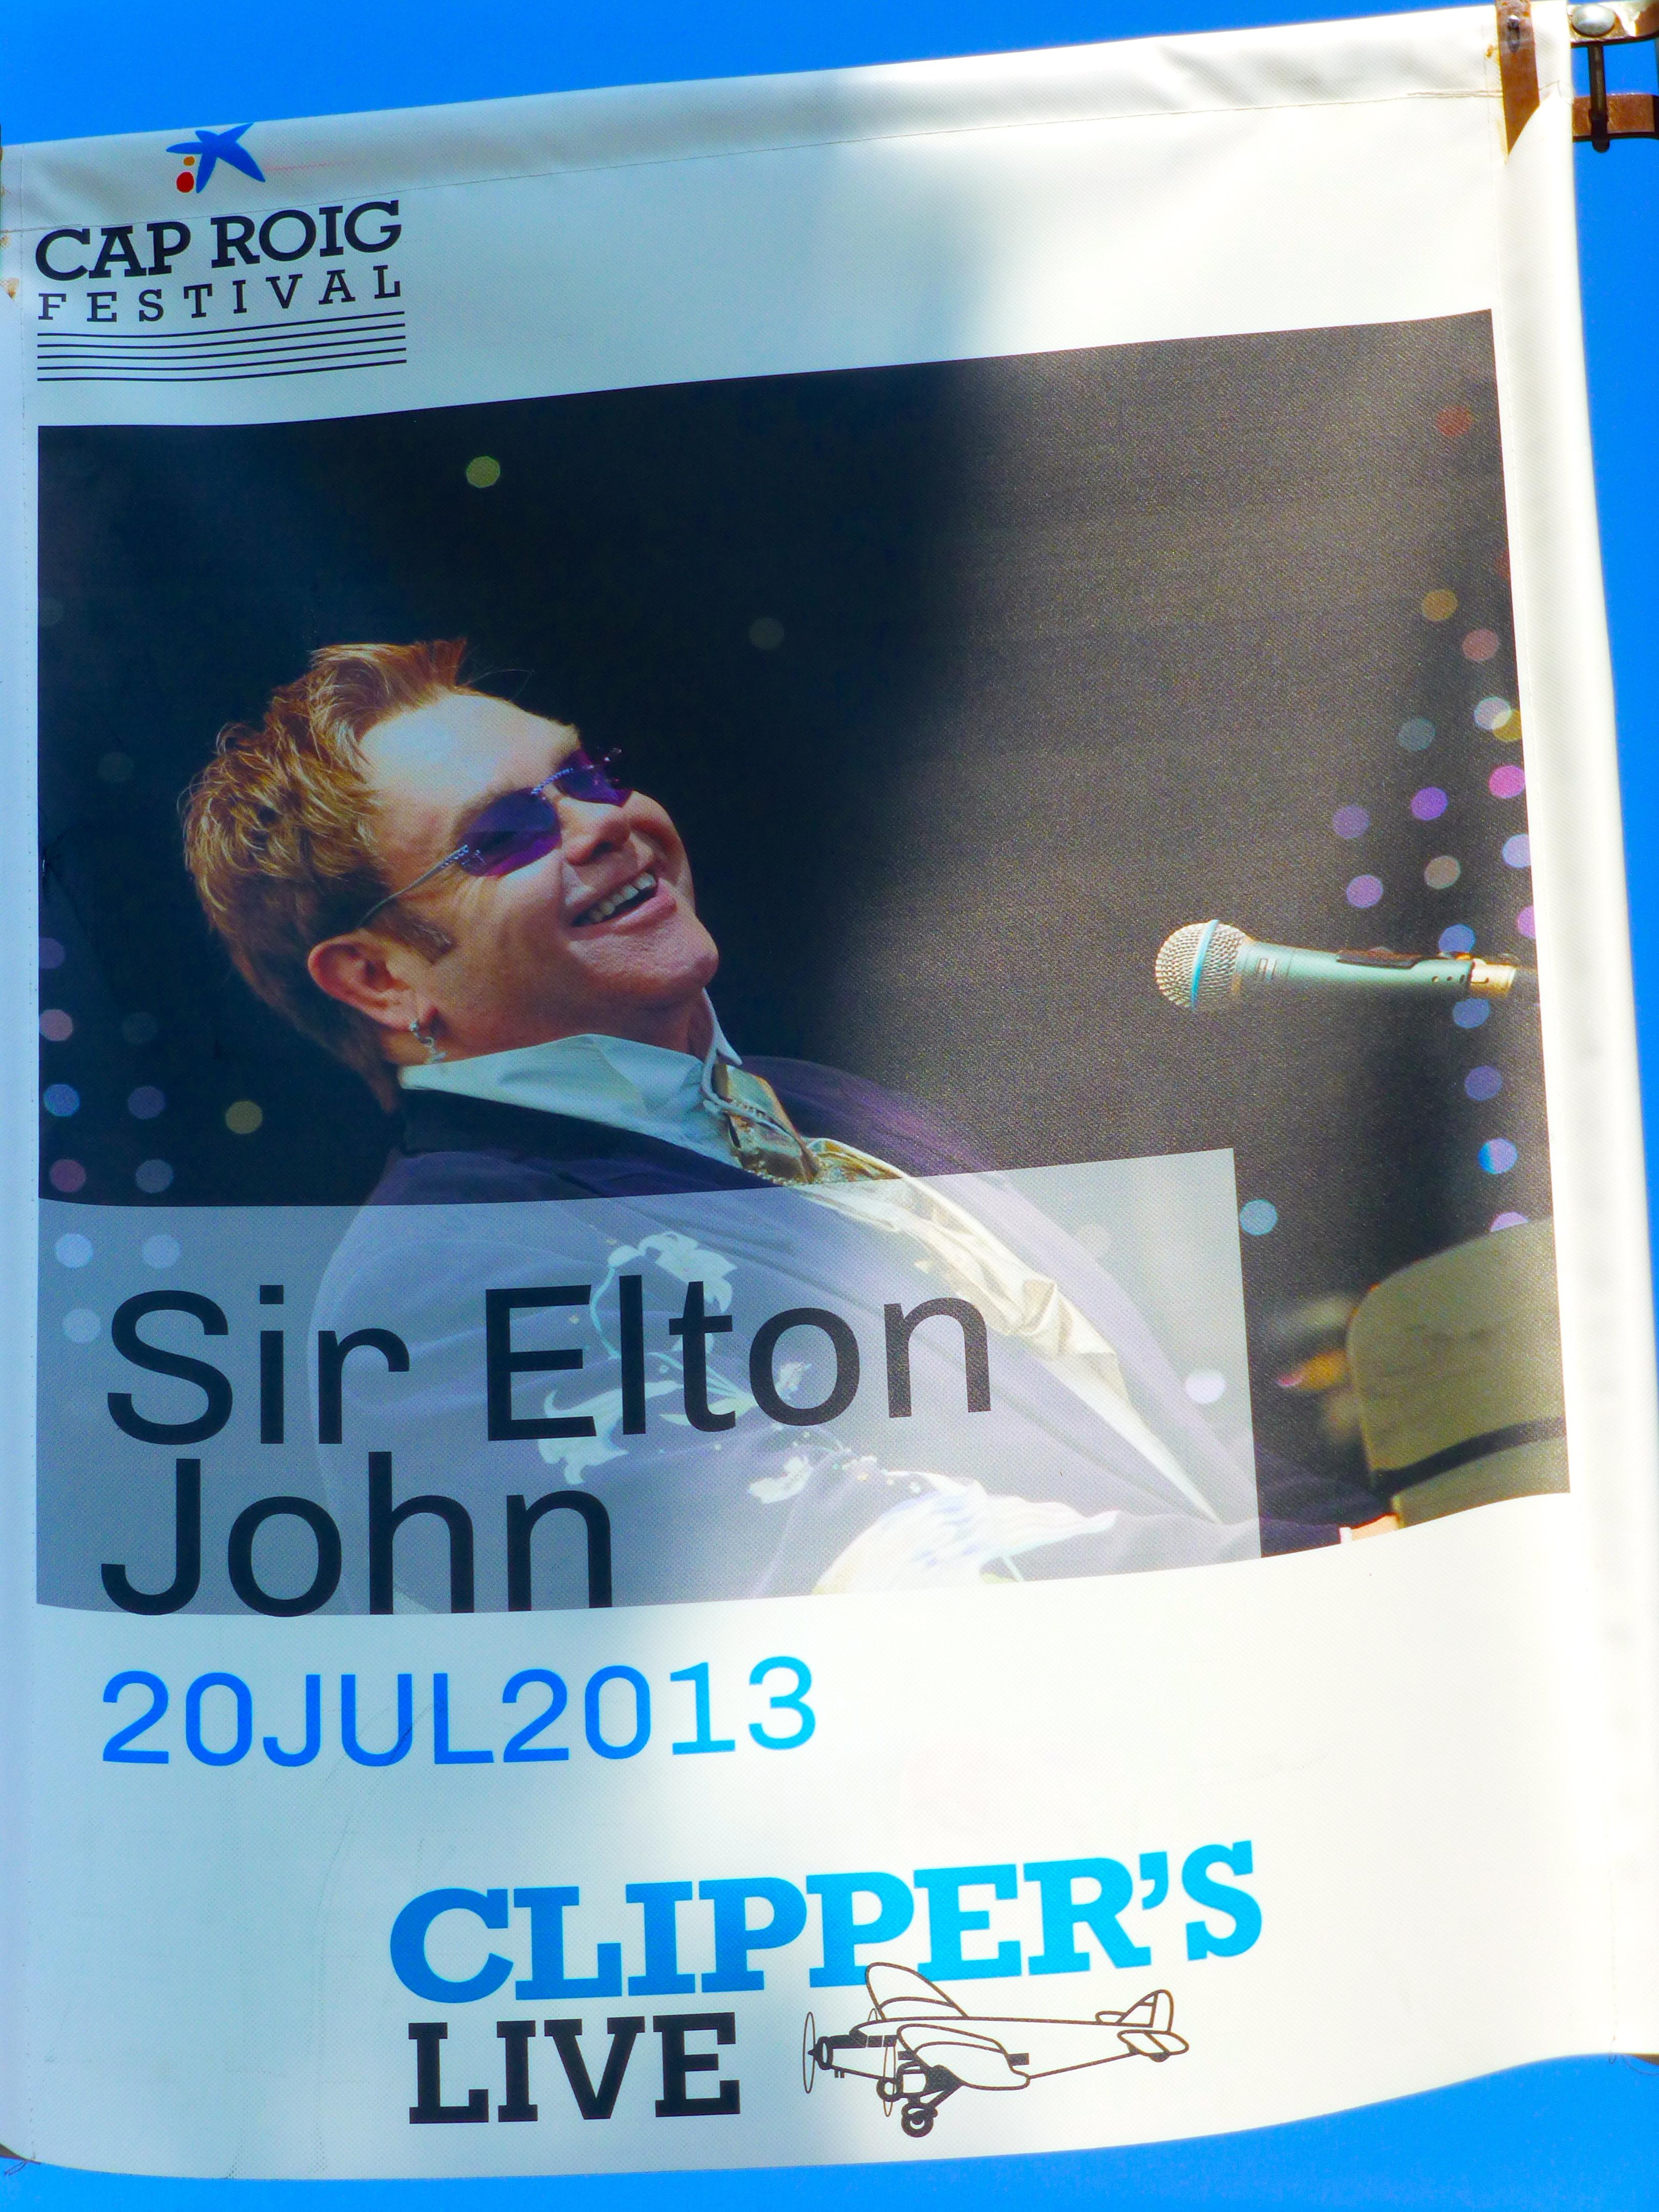 Poster for Elton John appearing at Cap Roig Festival in Spain